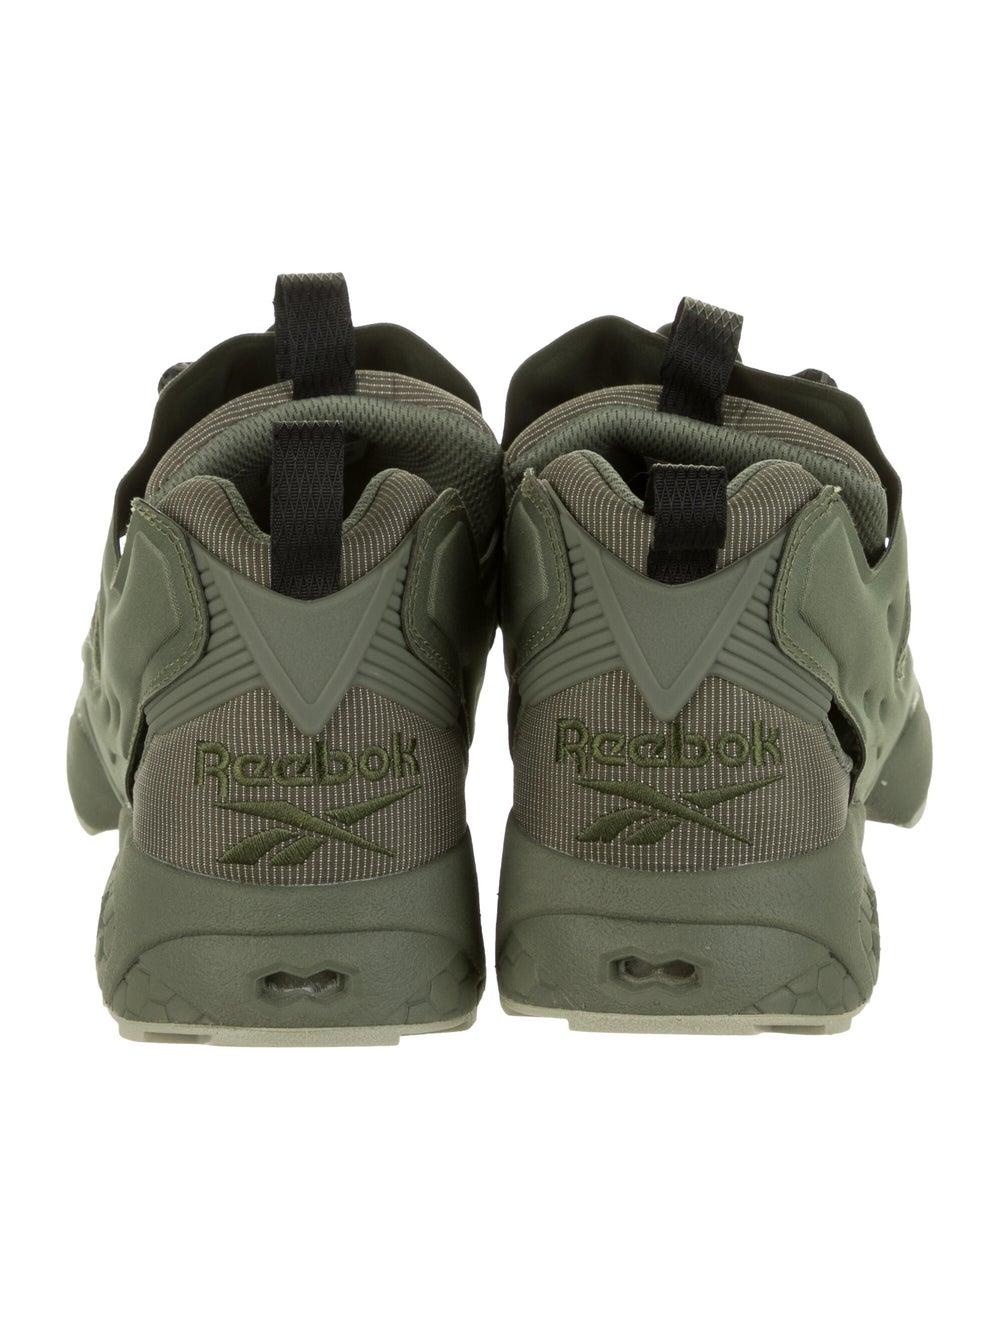 Reebok Instapump Fury Sneakers olive - image 4